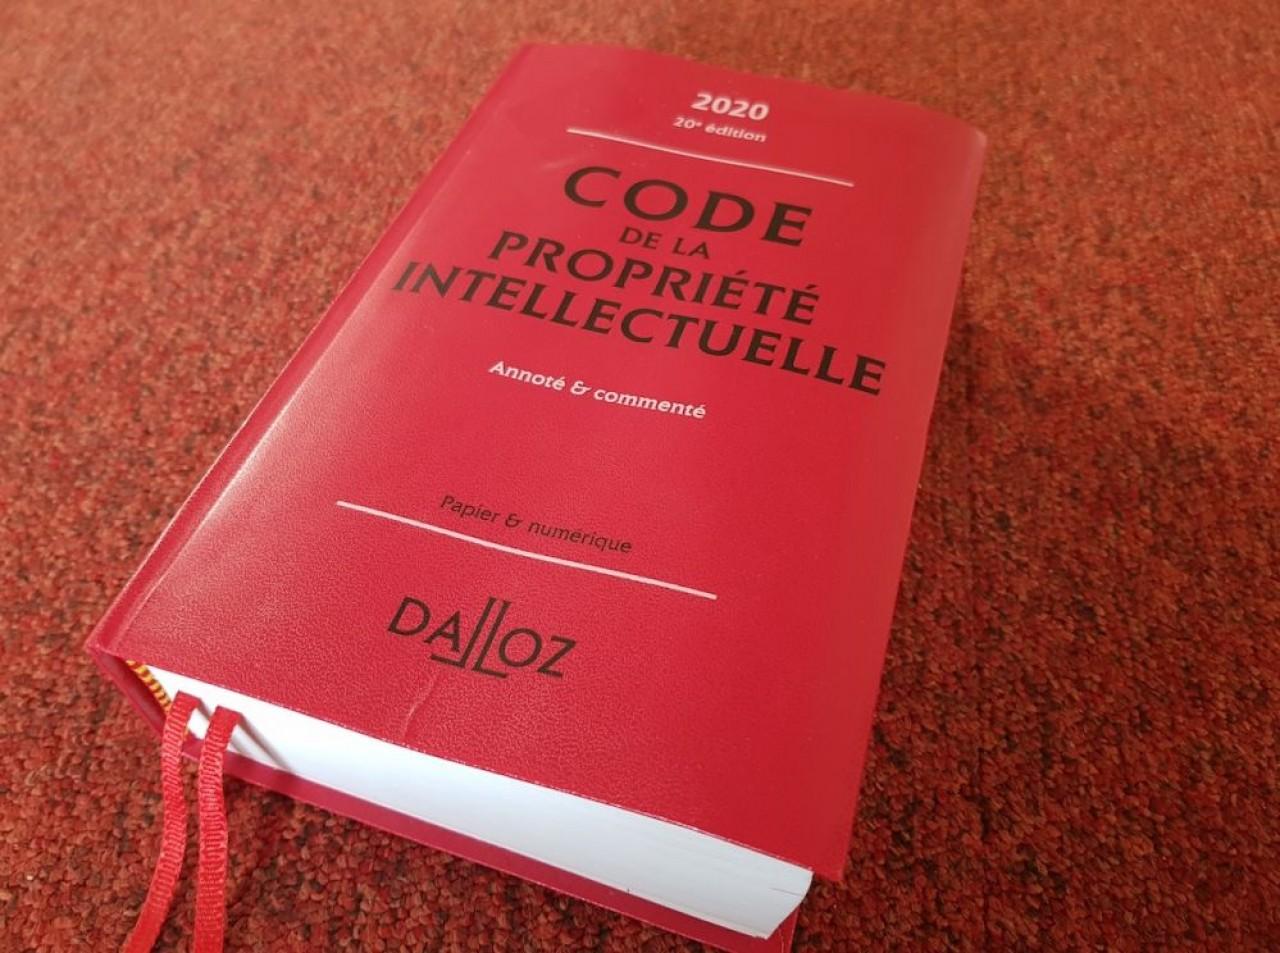 Le code de la propriété intellectuelle regroupe la plupart des anciennes lois régissant les deux branches de la propriété intellectuelle, que constituent la propriété industrielle et la propriété littéraire et artistique. © D.Guiu